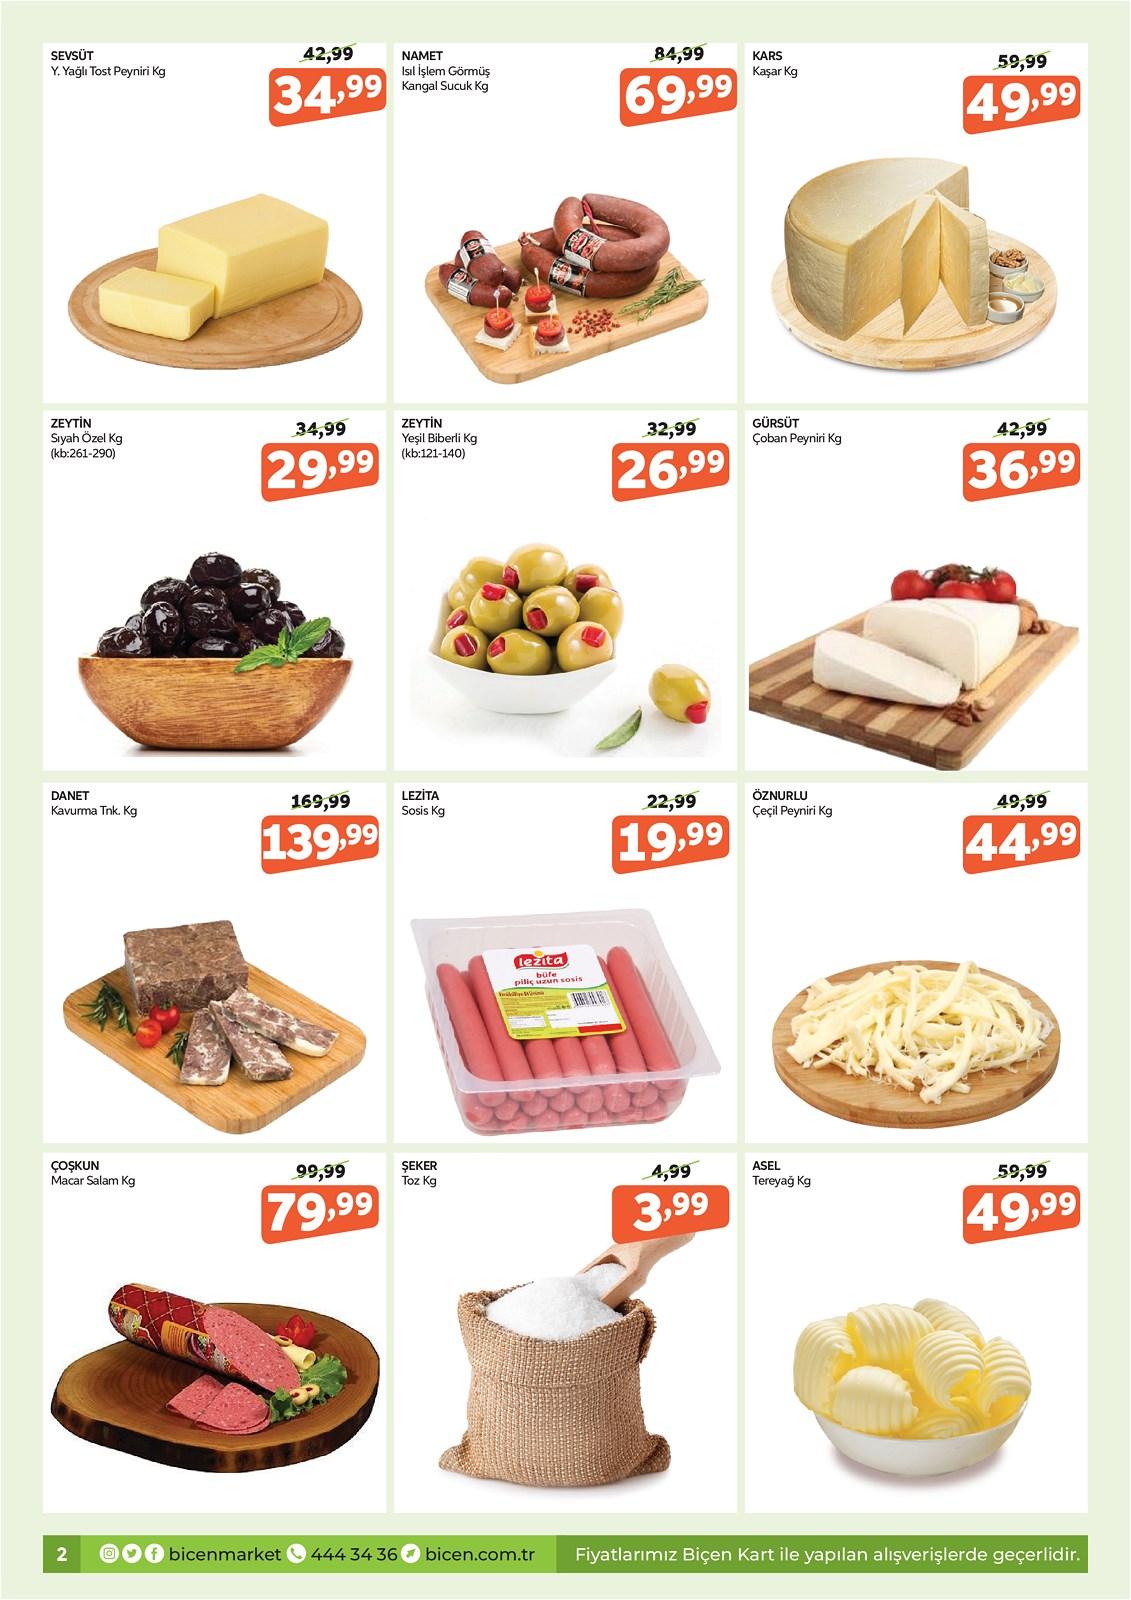 07.10.2021 Biçen Market broşürü 2. sayfa